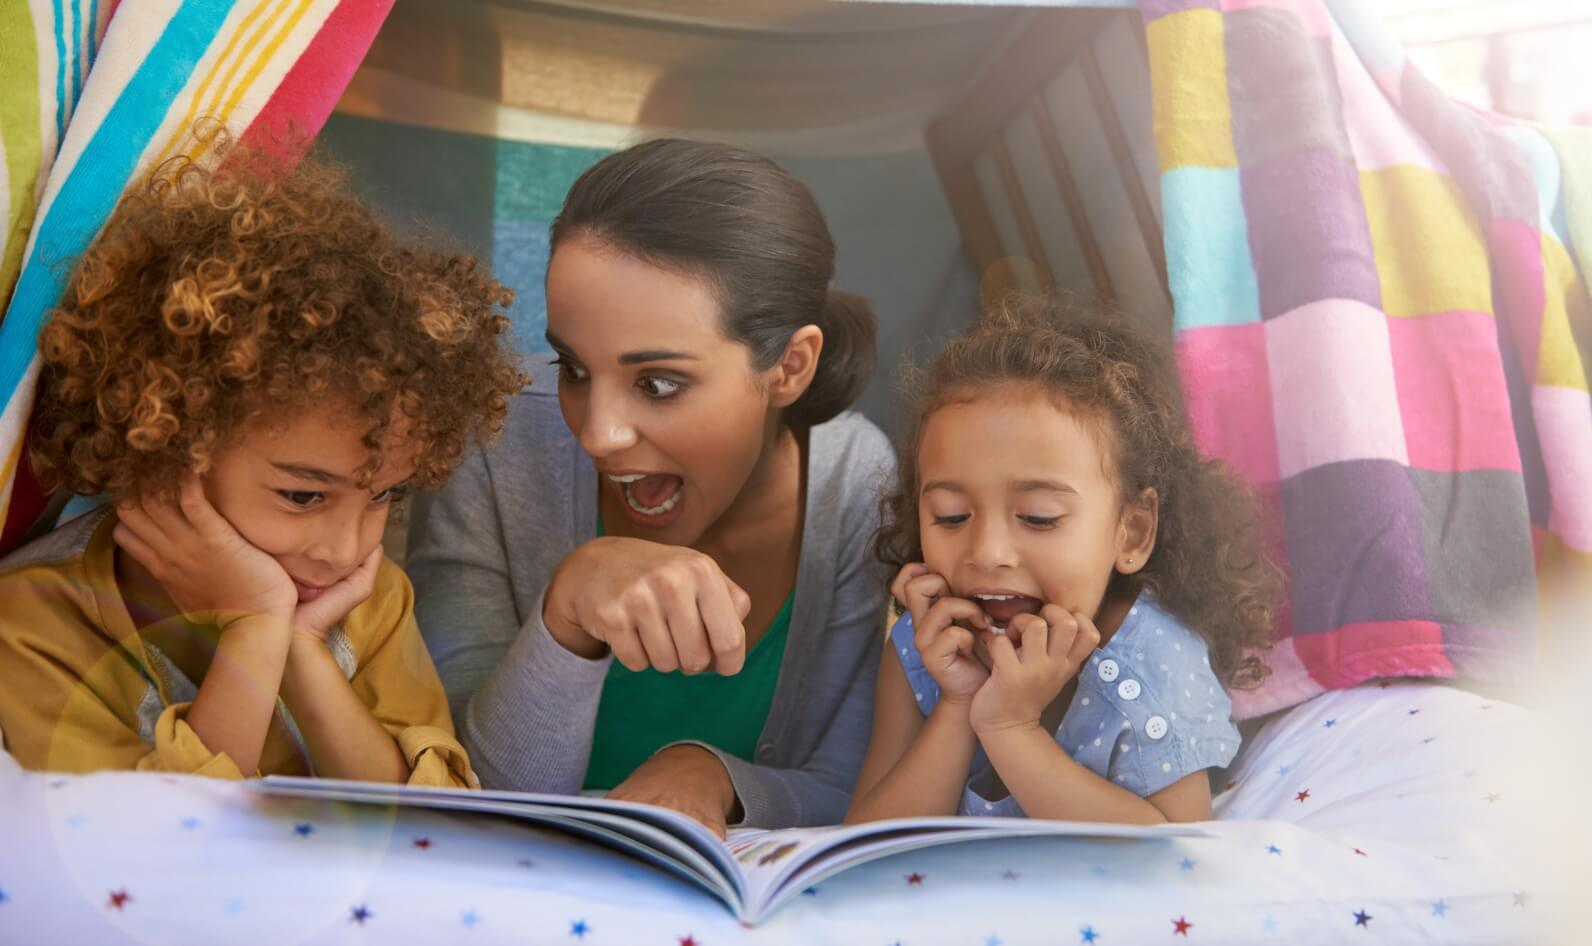 Phụ huynh nên hỗ trợ và giúp đỡ trẻ tích cực trong giai đoạn học tiếng Anh tiểu học